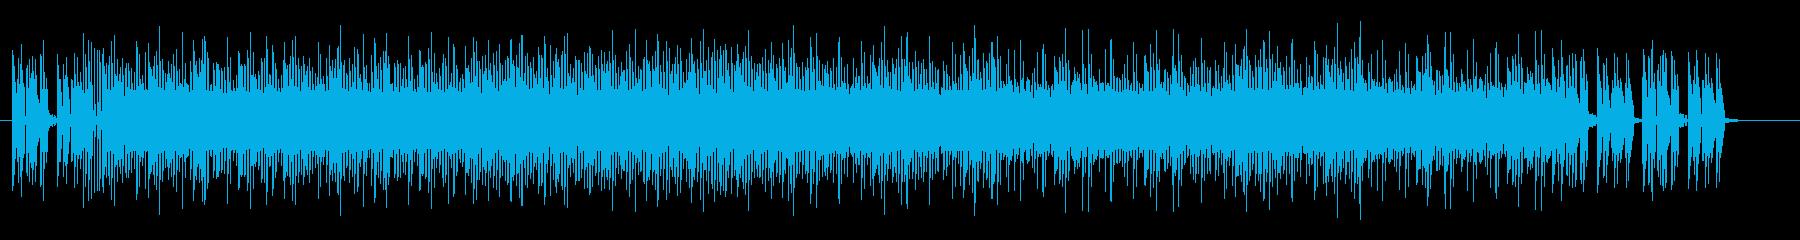 異次元、近未来感があるエレクトロサウンドの再生済みの波形